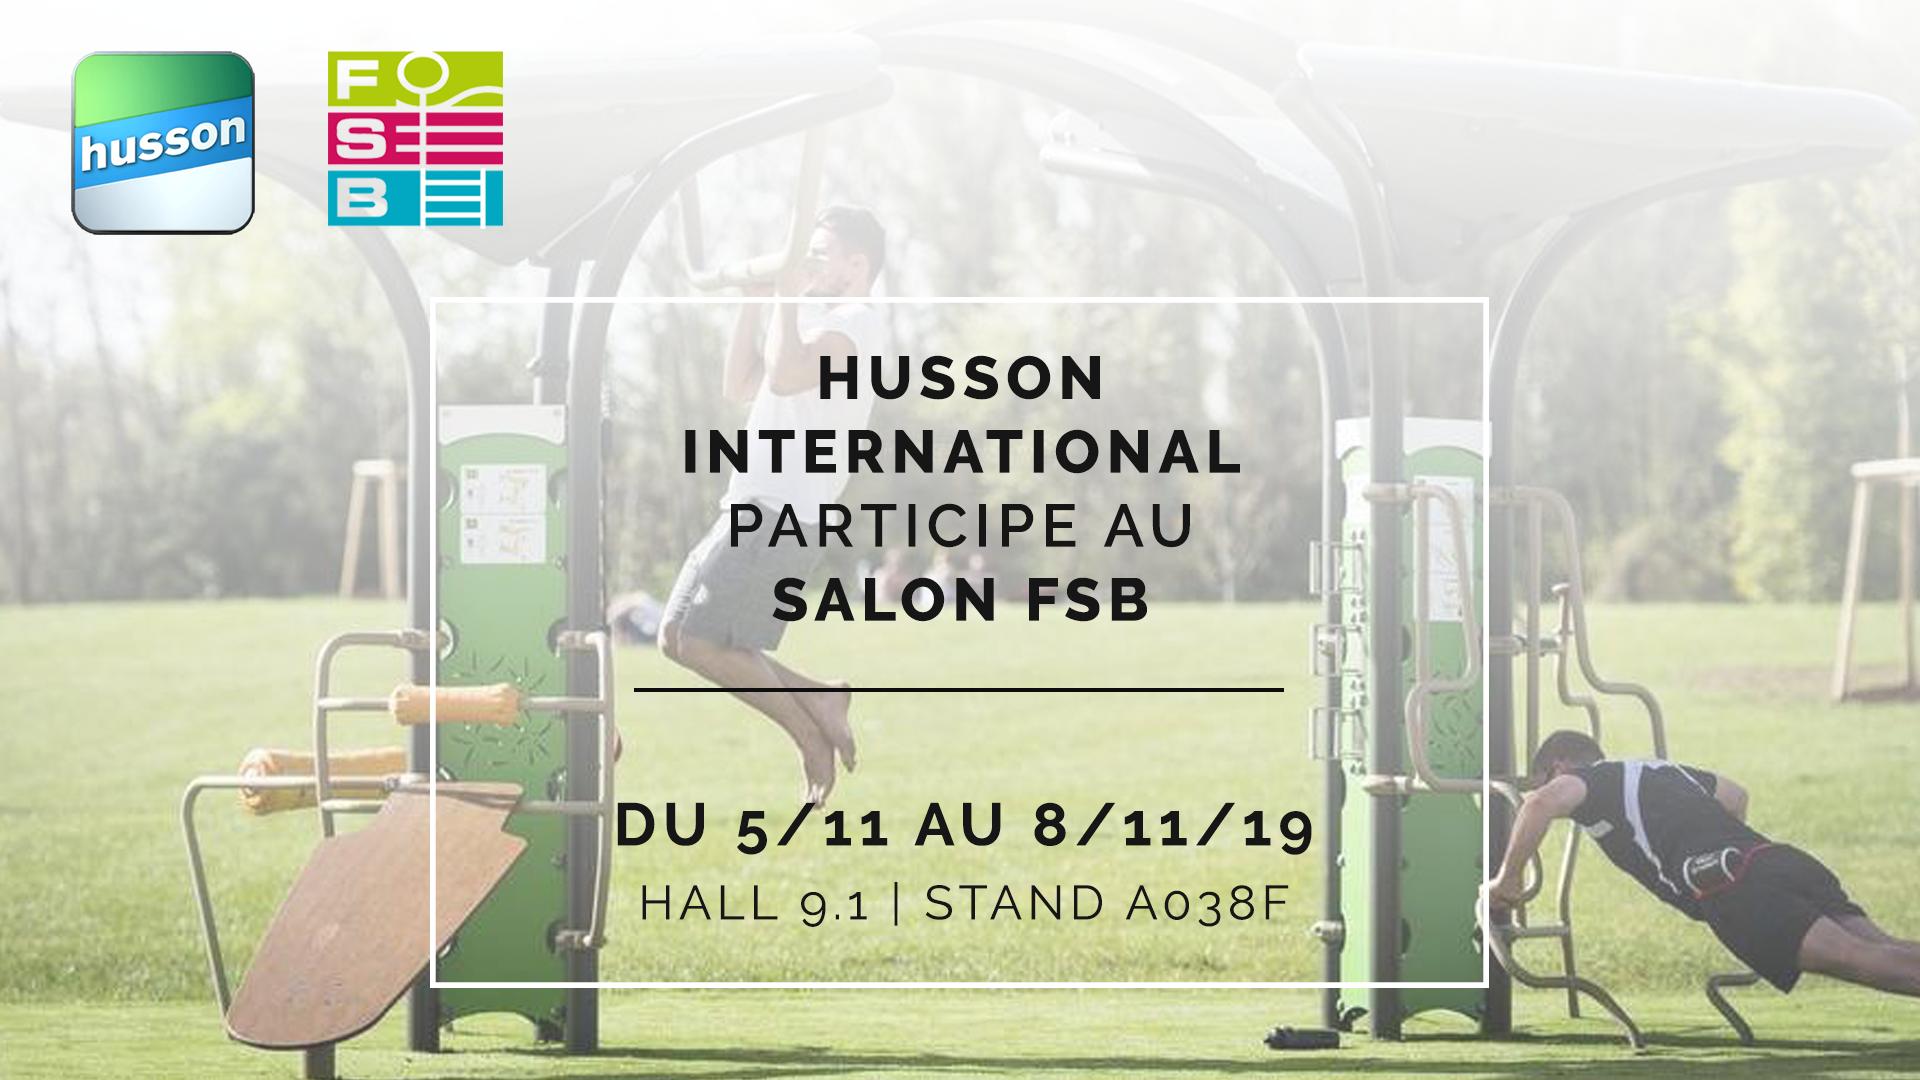 husson-salon-fsb